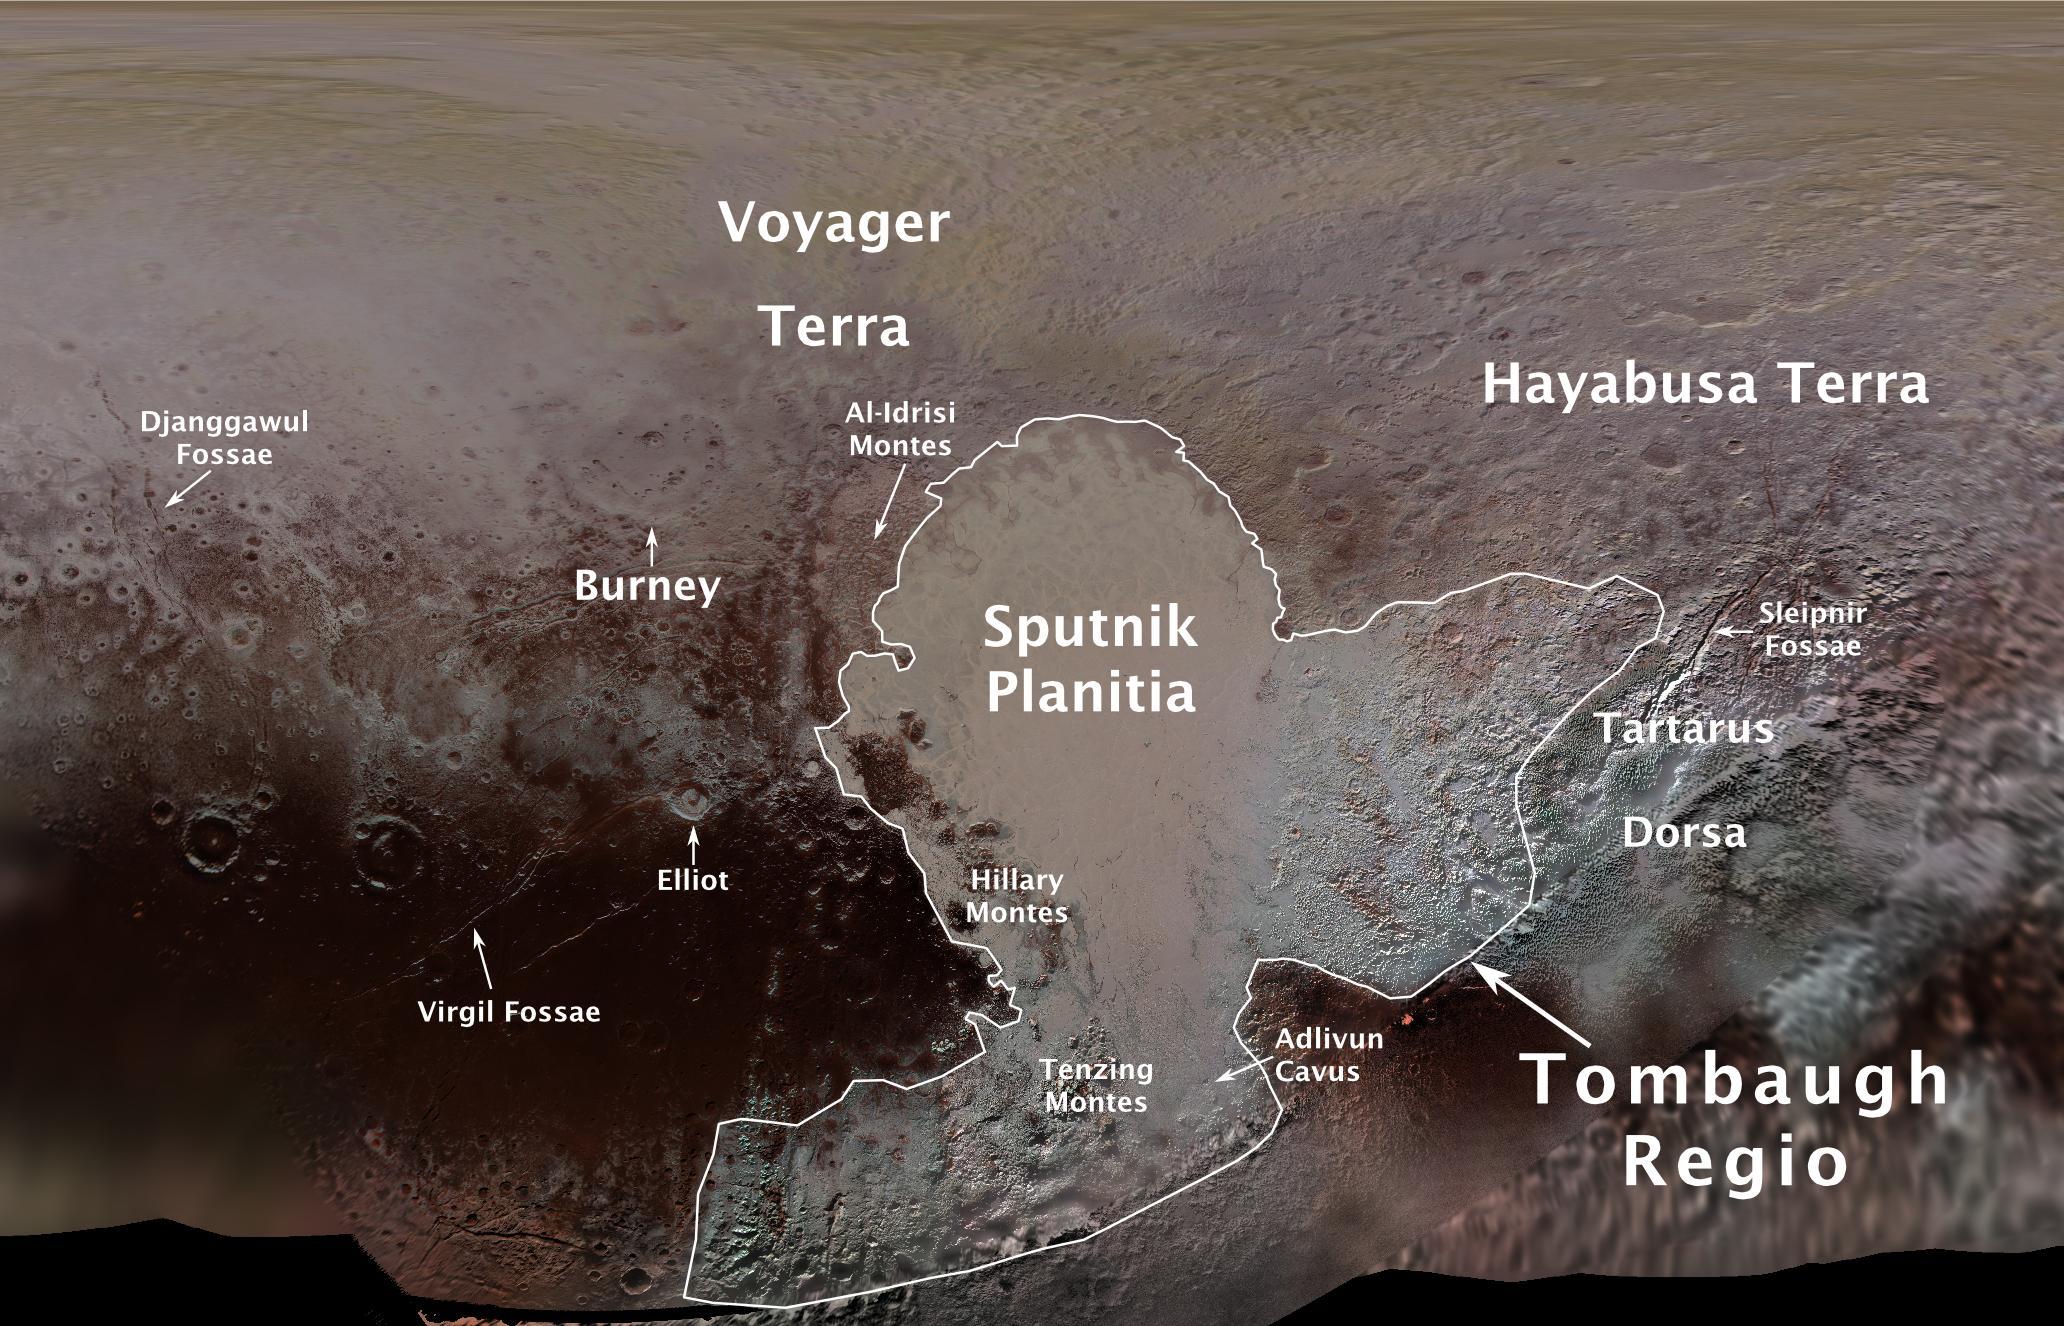 Resultado de imagen para imagen virgil fossae